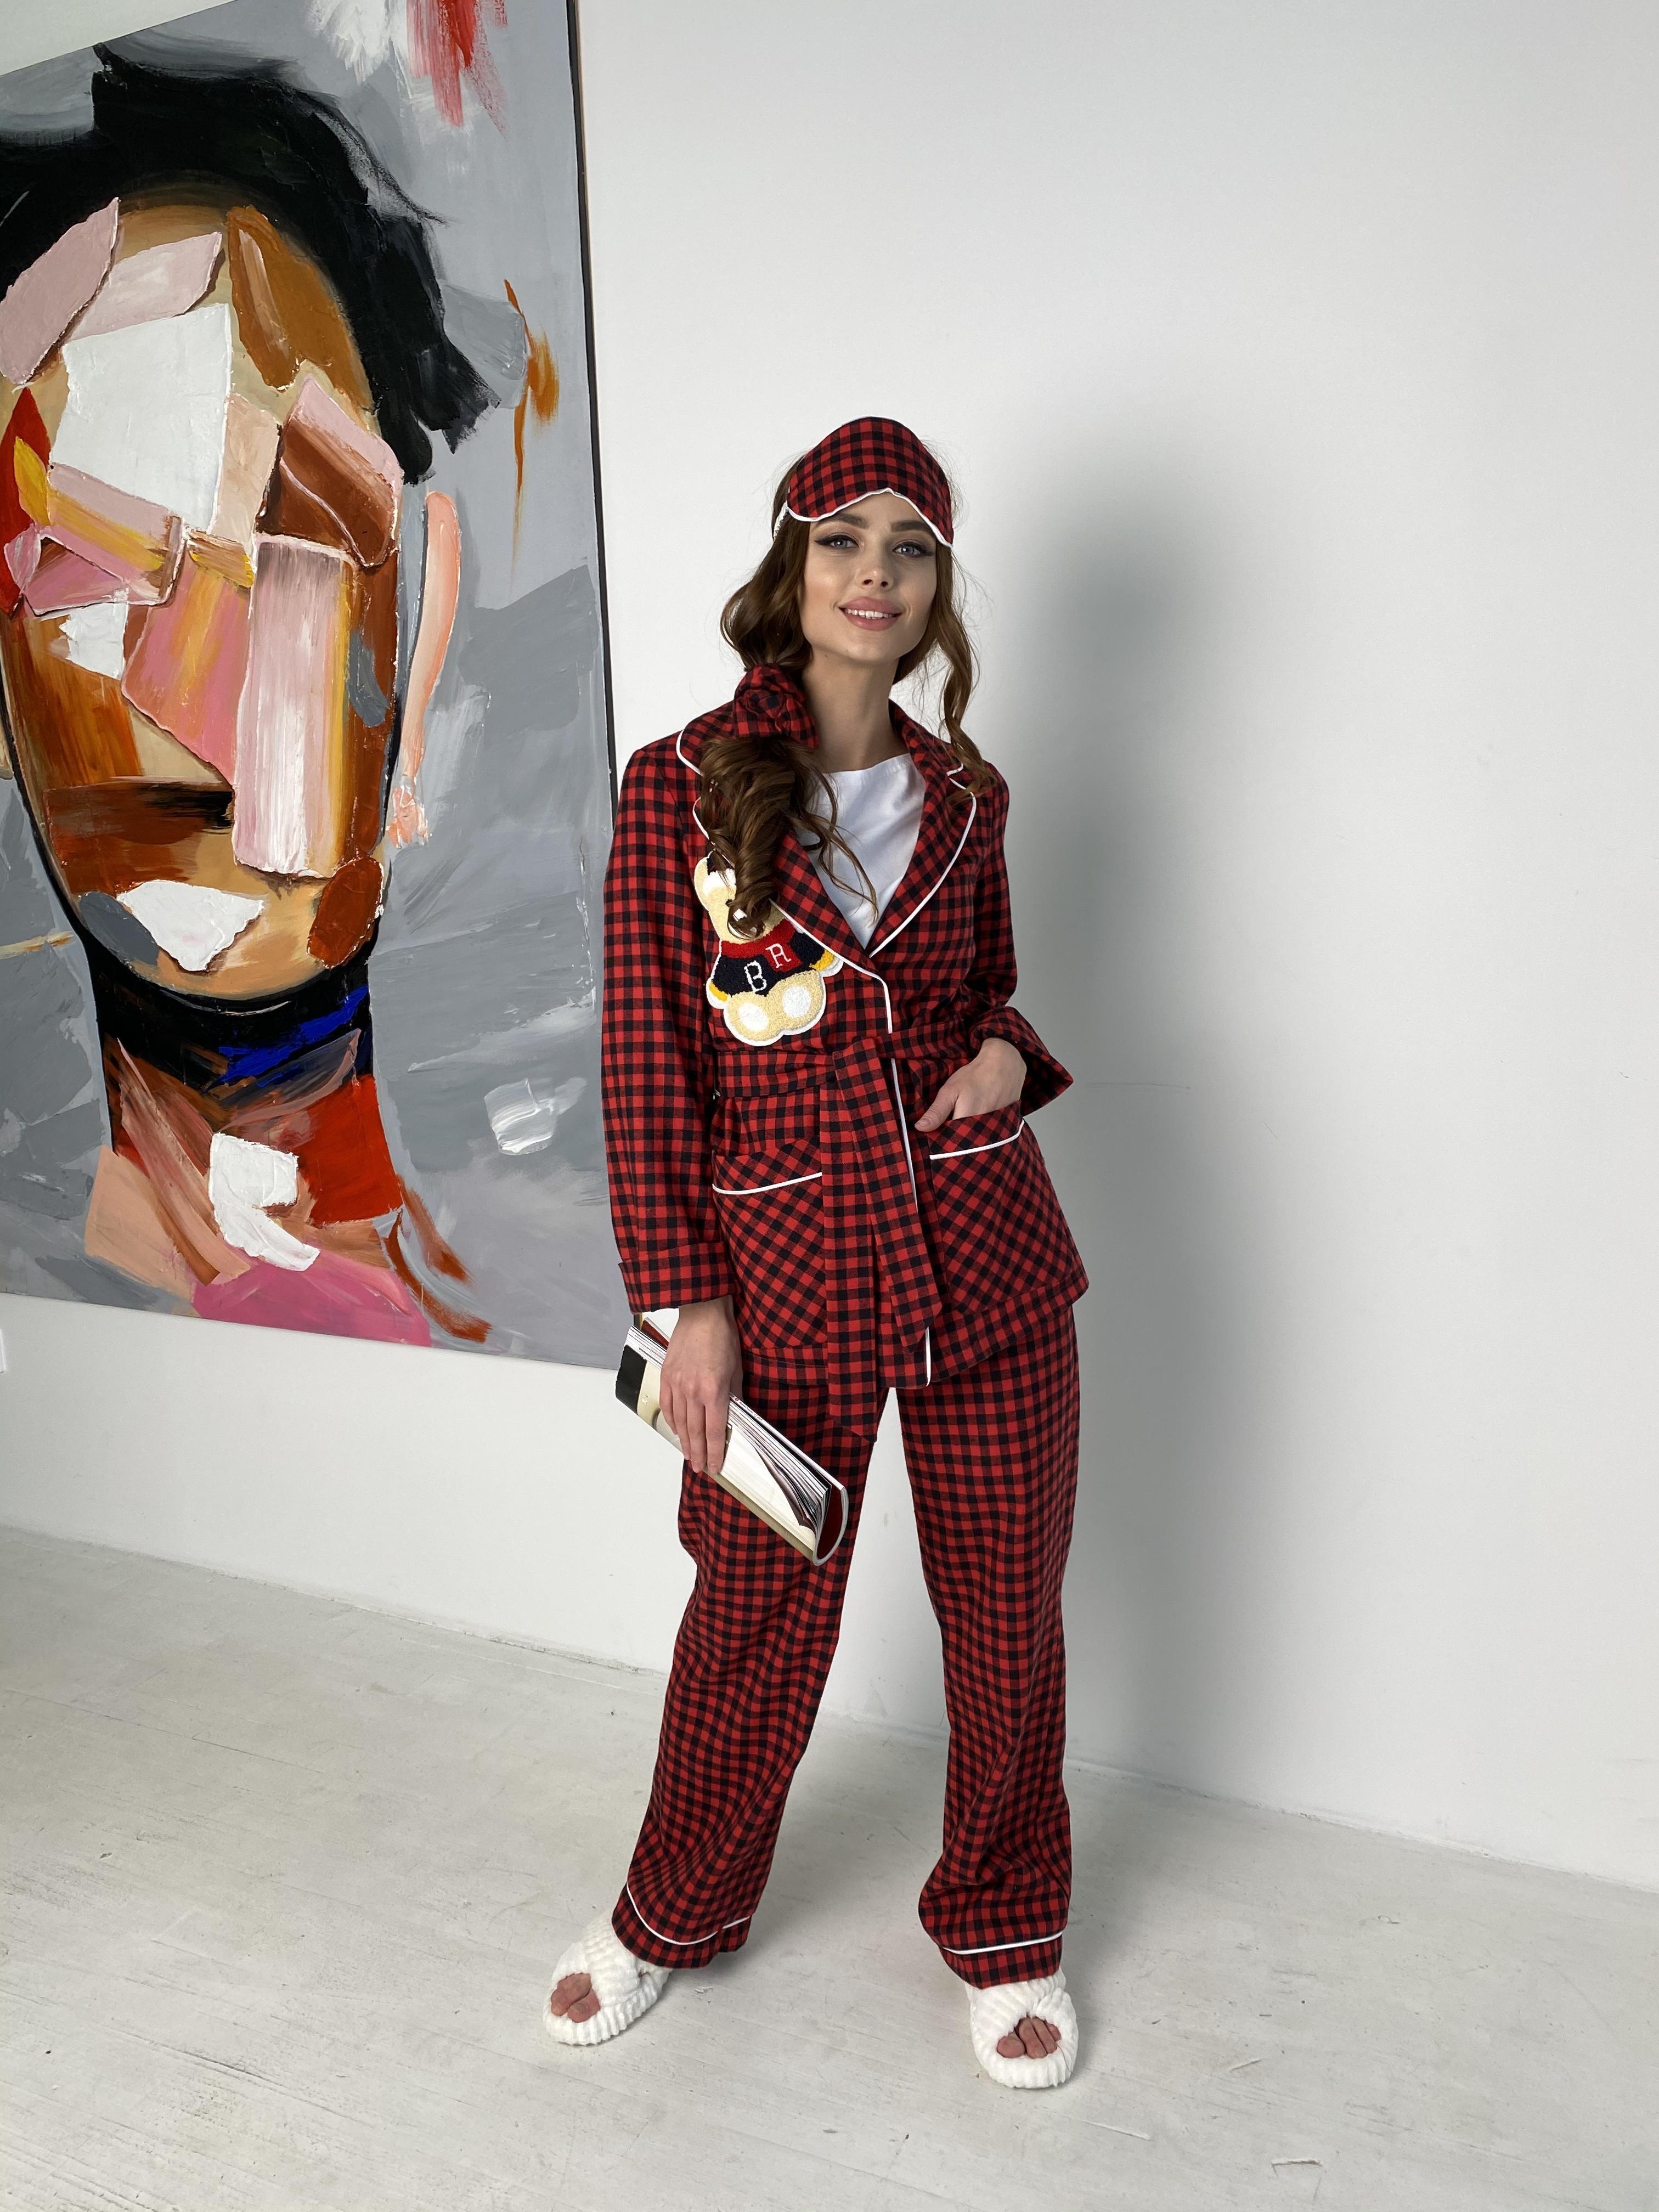 Тедди пижама в клетку из коттона(жакет,футболка,брюки,маска,резинка) 10384 АРТ. 46826 Цвет: Красный/черный - фото 5, интернет магазин tm-modus.ru